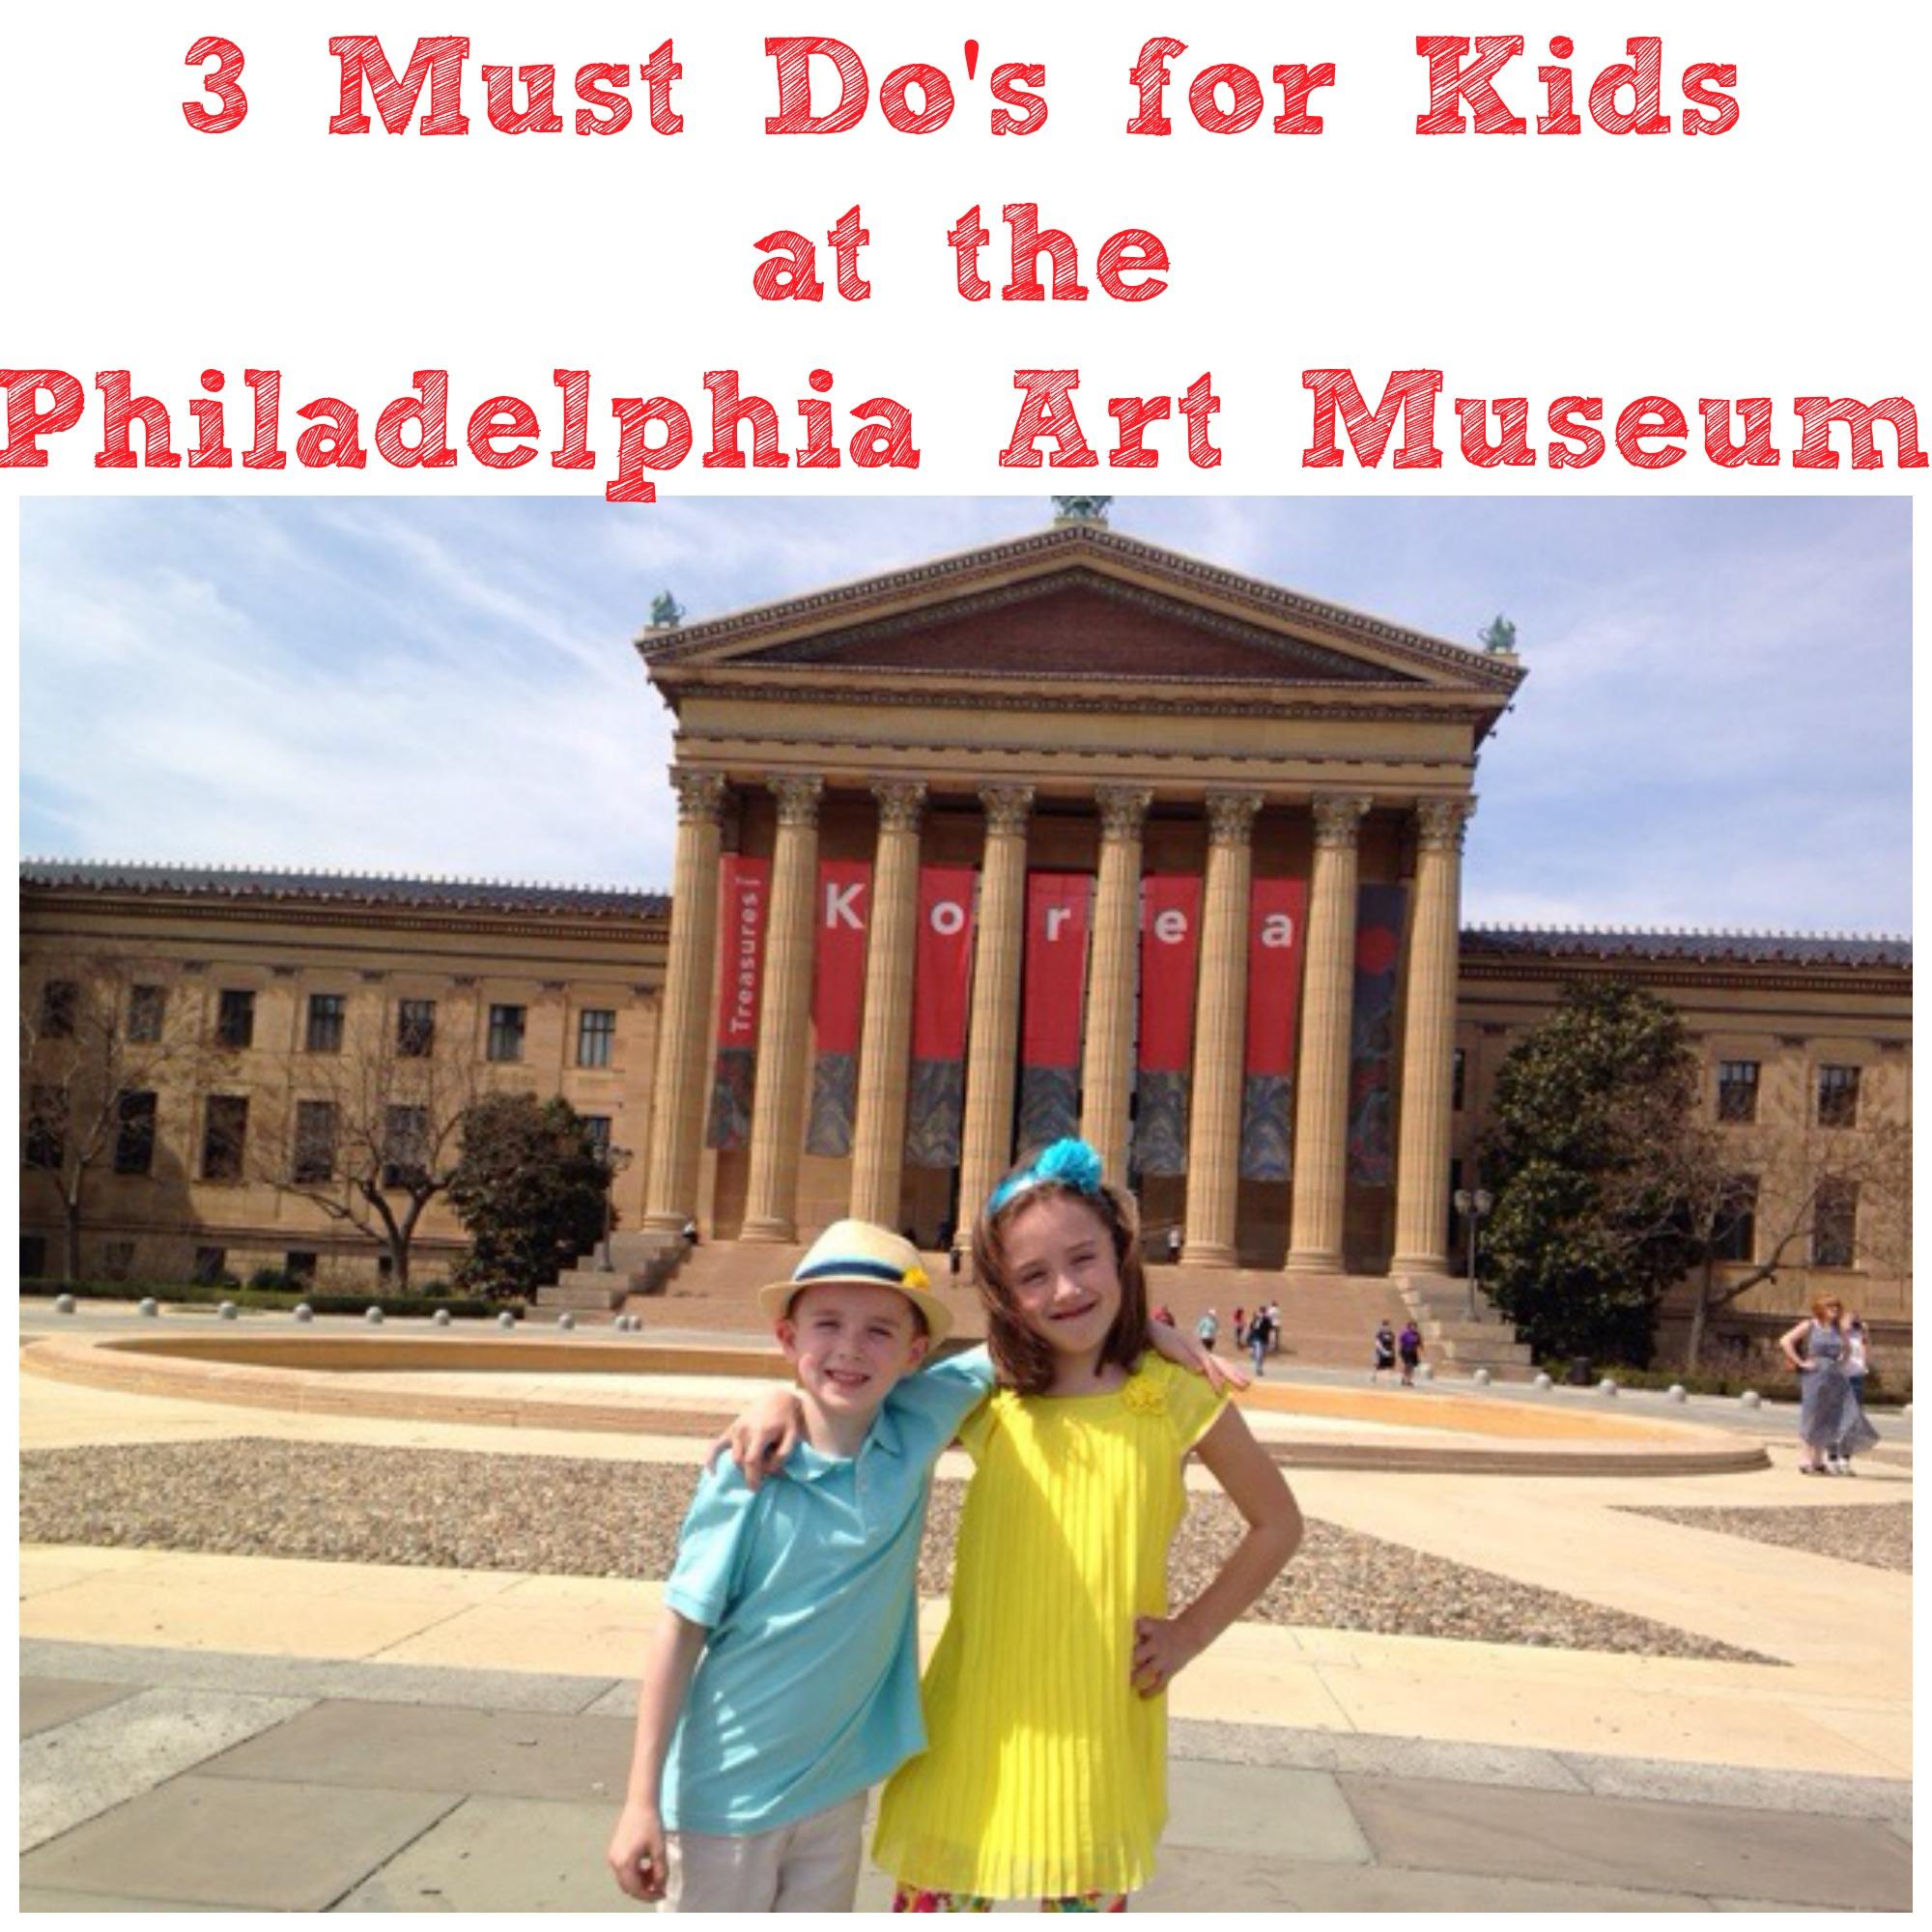 Philadelphia Art Museum Must Do activities for Kids